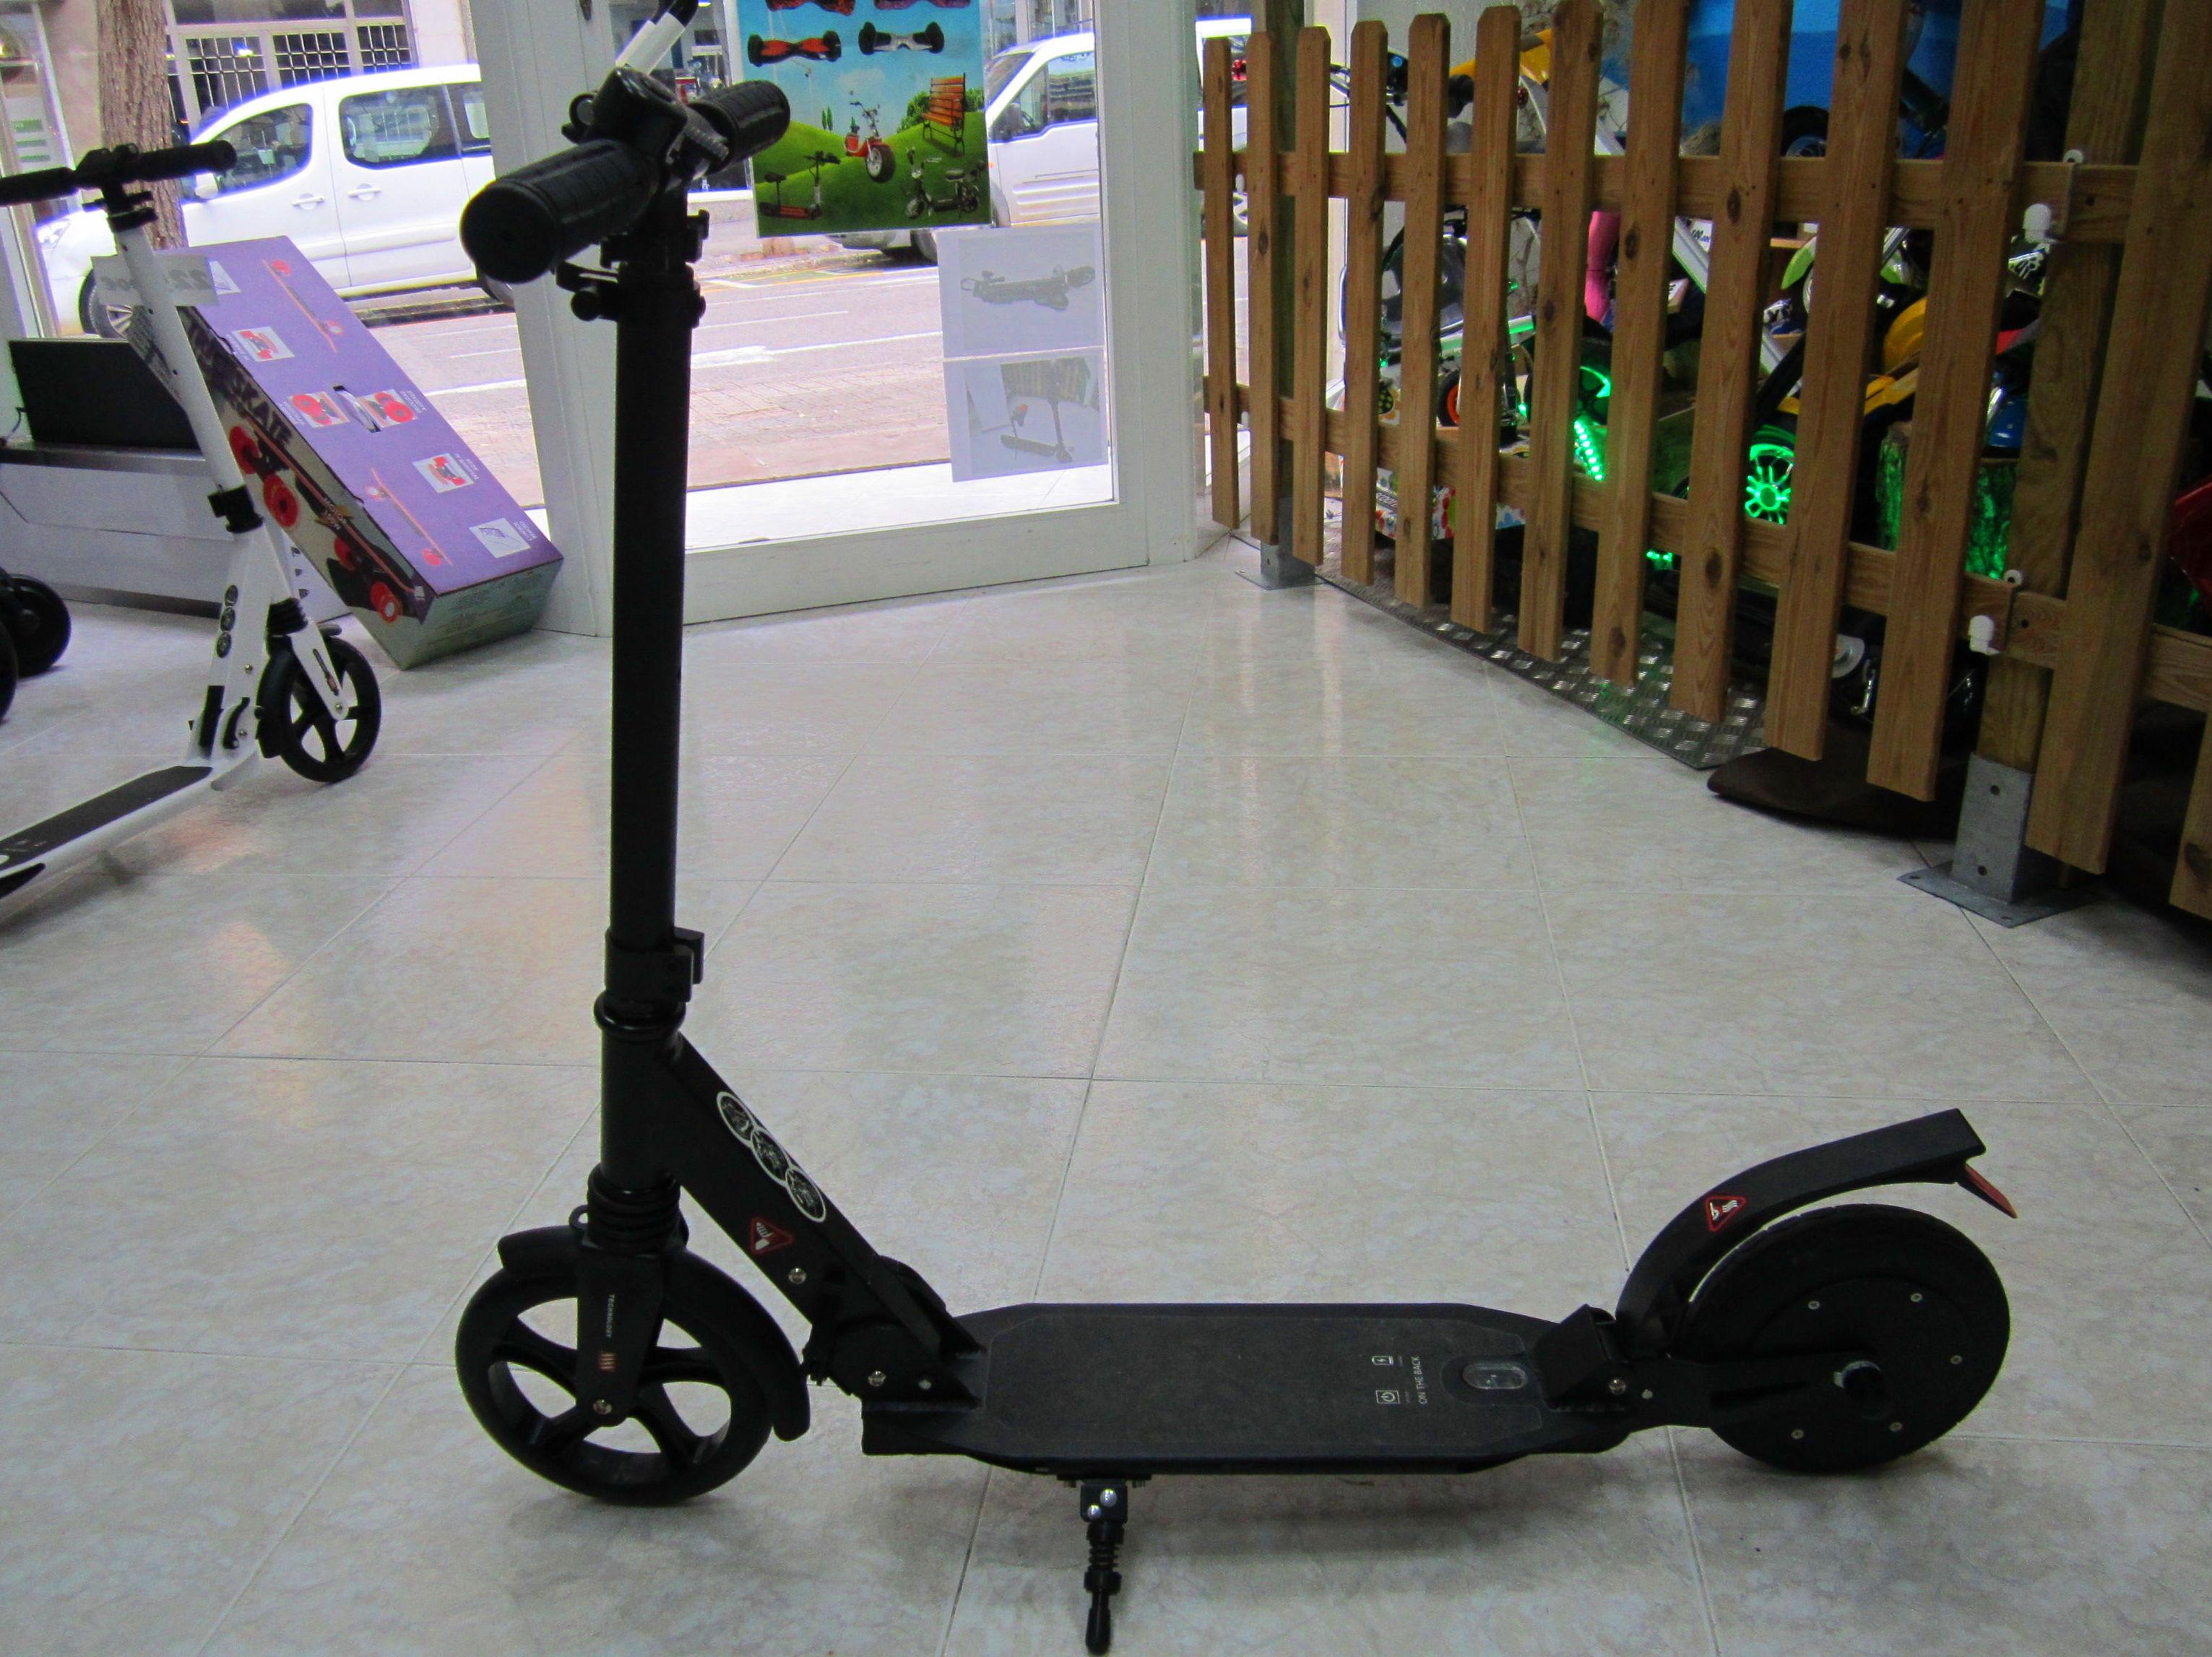 scooter E9 de empuje 225€  REBAJADO A 180€: Productos y servicios de Scooter Family Electric (PATIPACO)